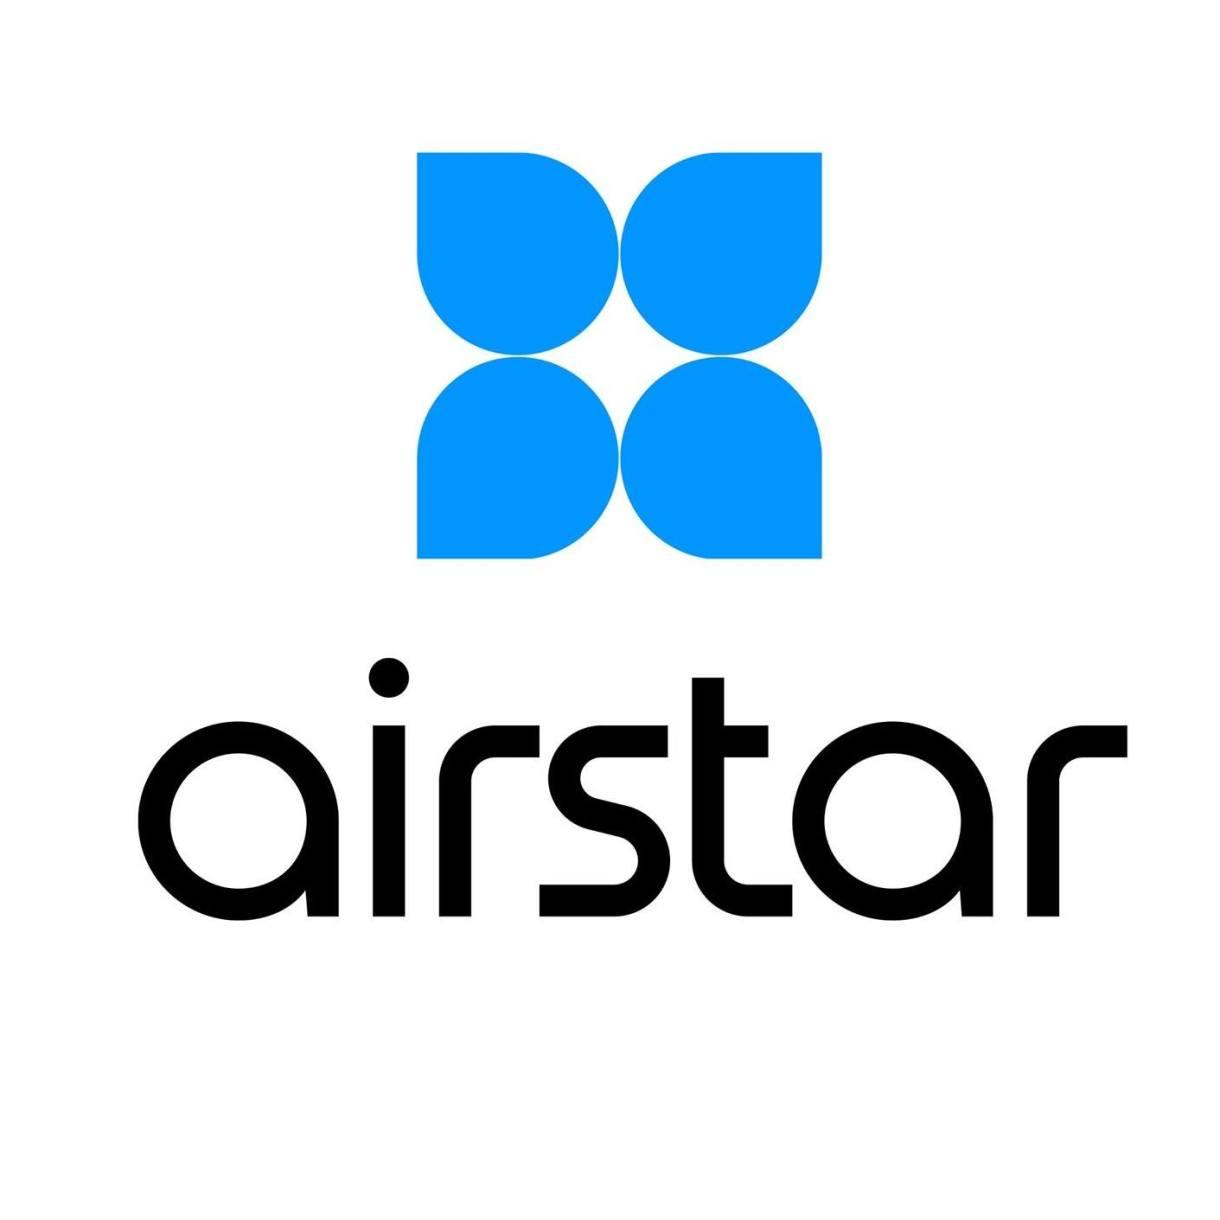 Airstar Bank